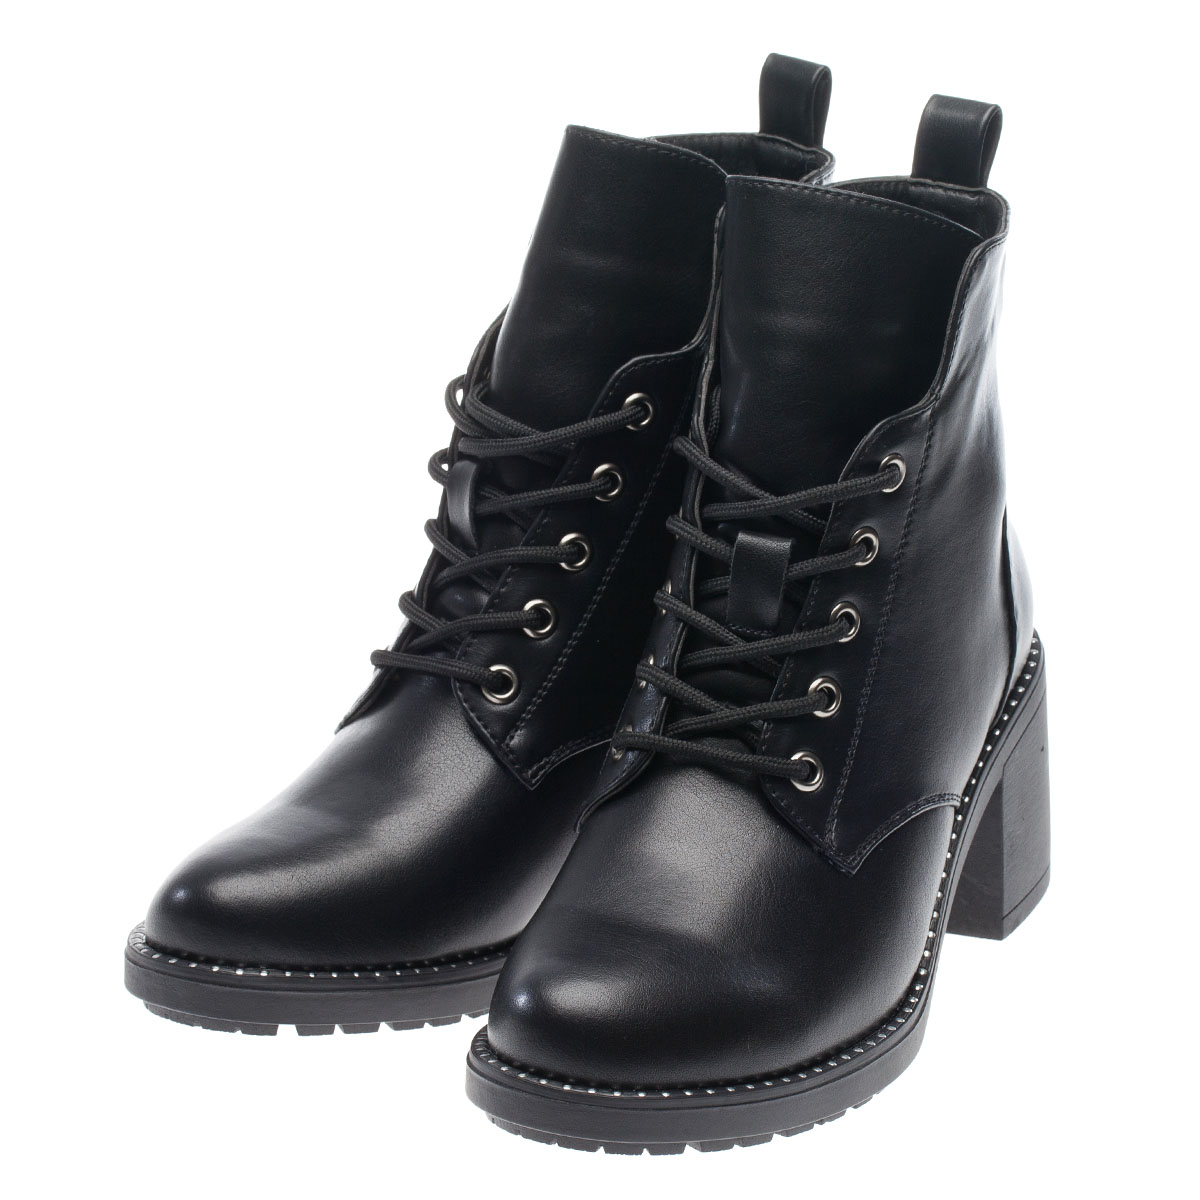 Фото - Ботинки демисезонные FERTO, D17-6111A ботинки демисезонные ferto skl 008